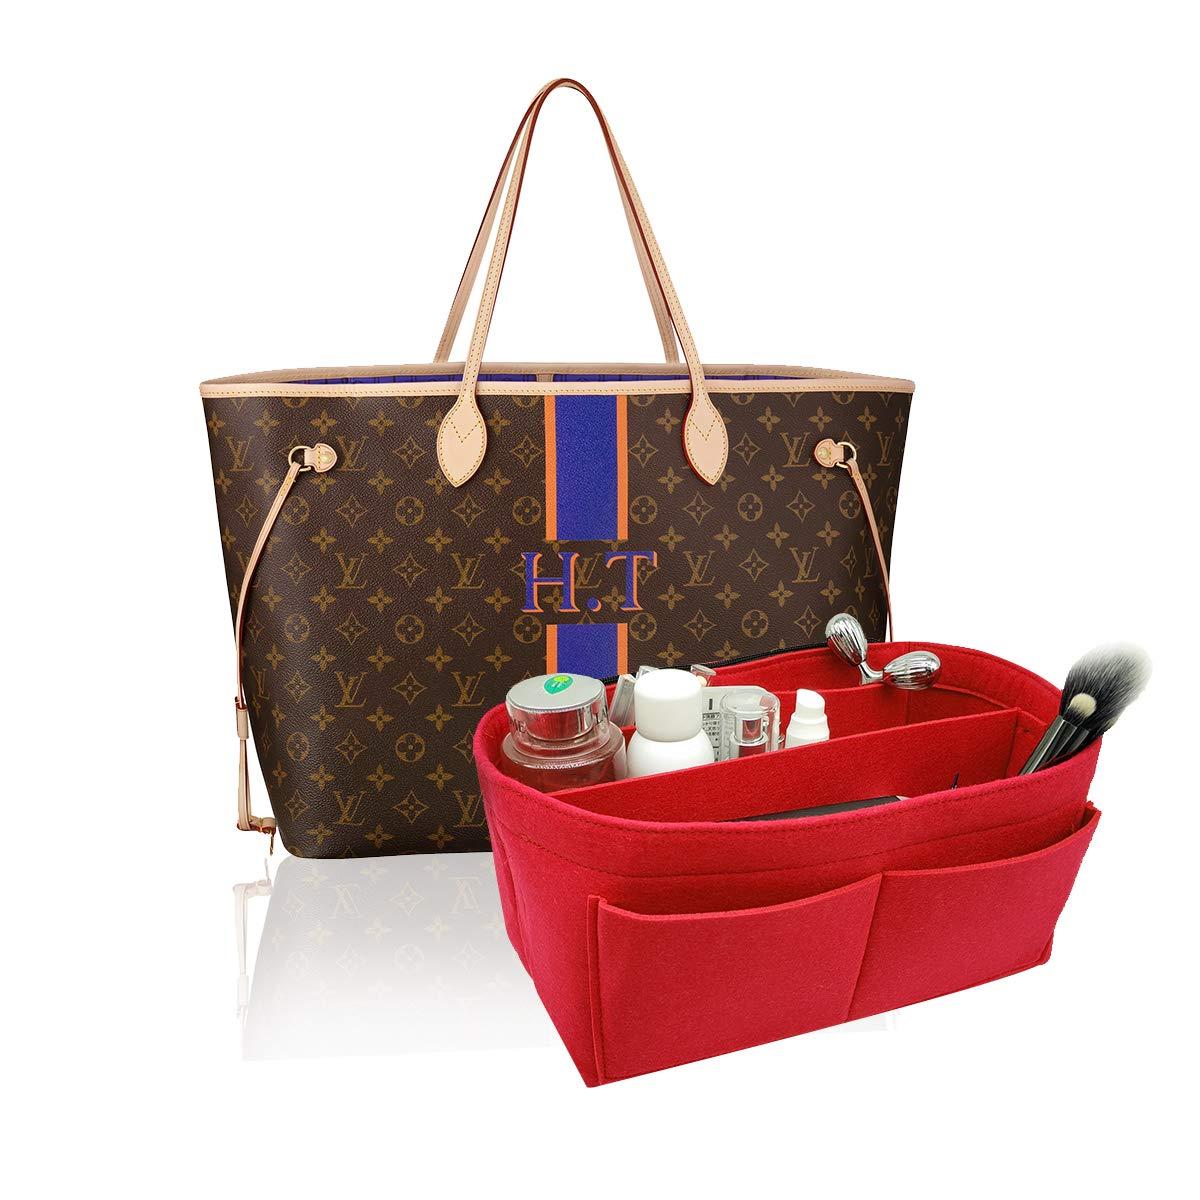 Felt Purse Bag Organizer Insert shaper 8022 Red M by LEXSION